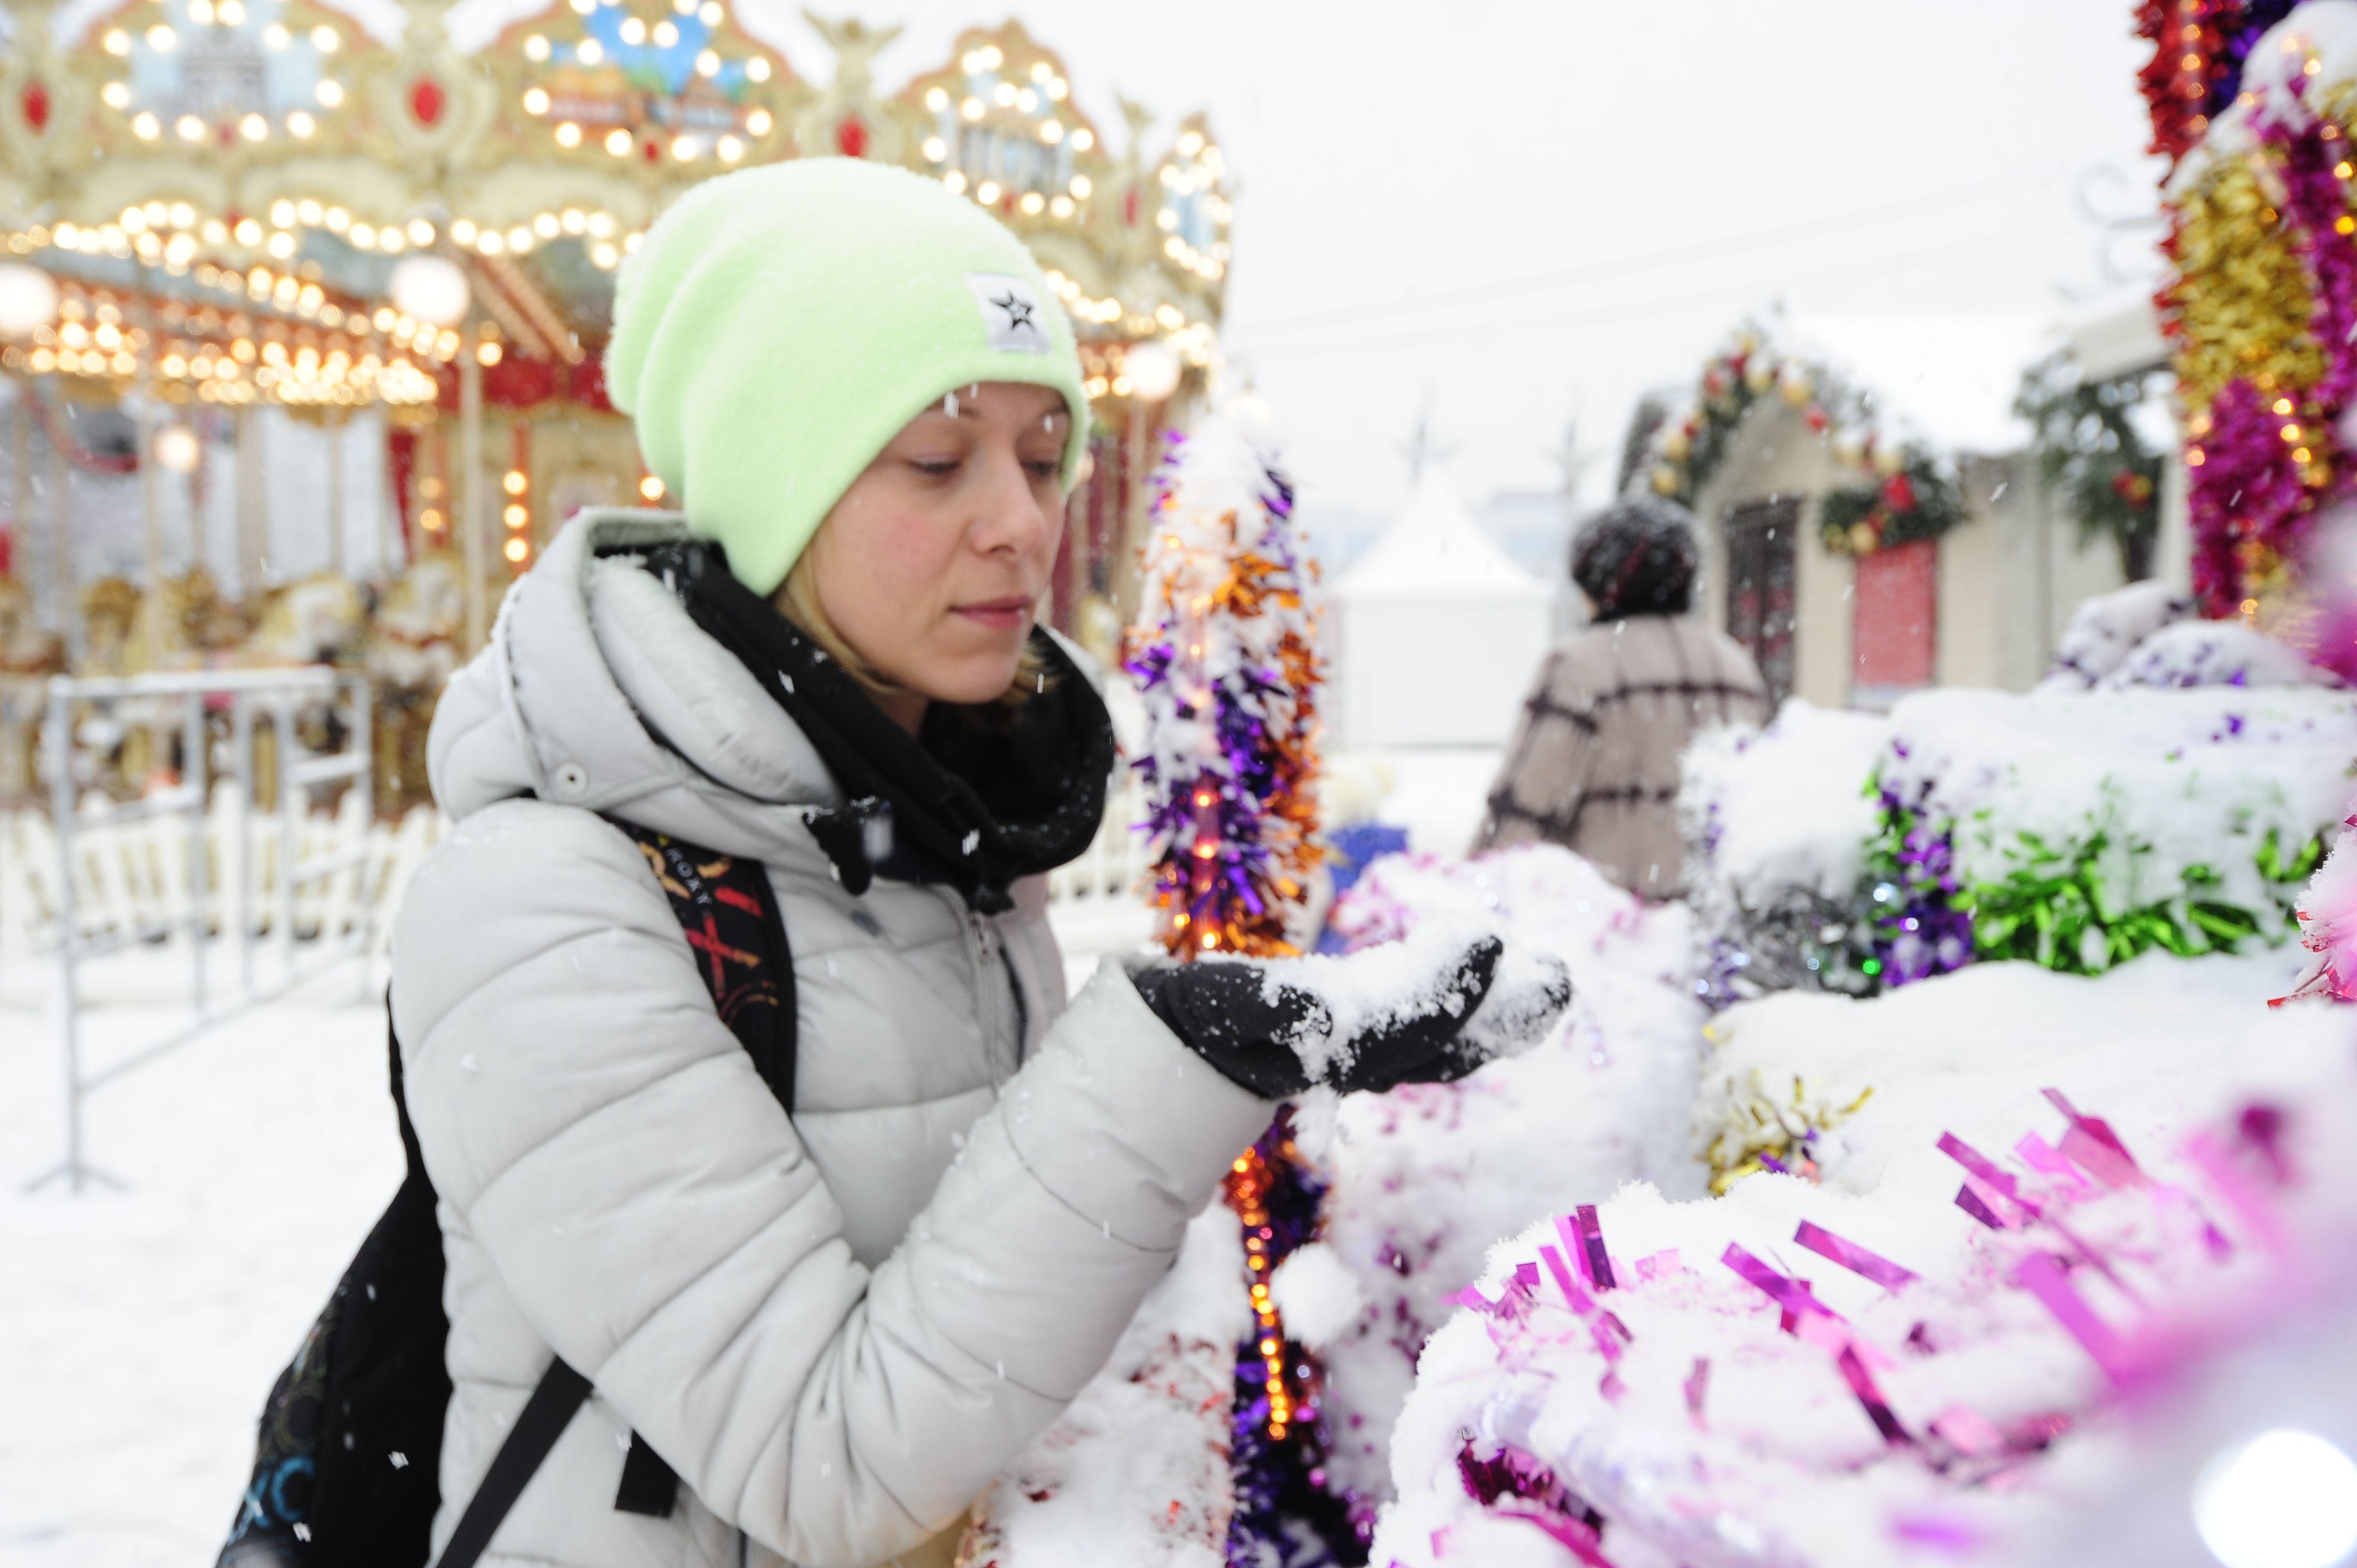 Посетителями московских фестивалей в 2018 году стали почти 65 миллионов человек